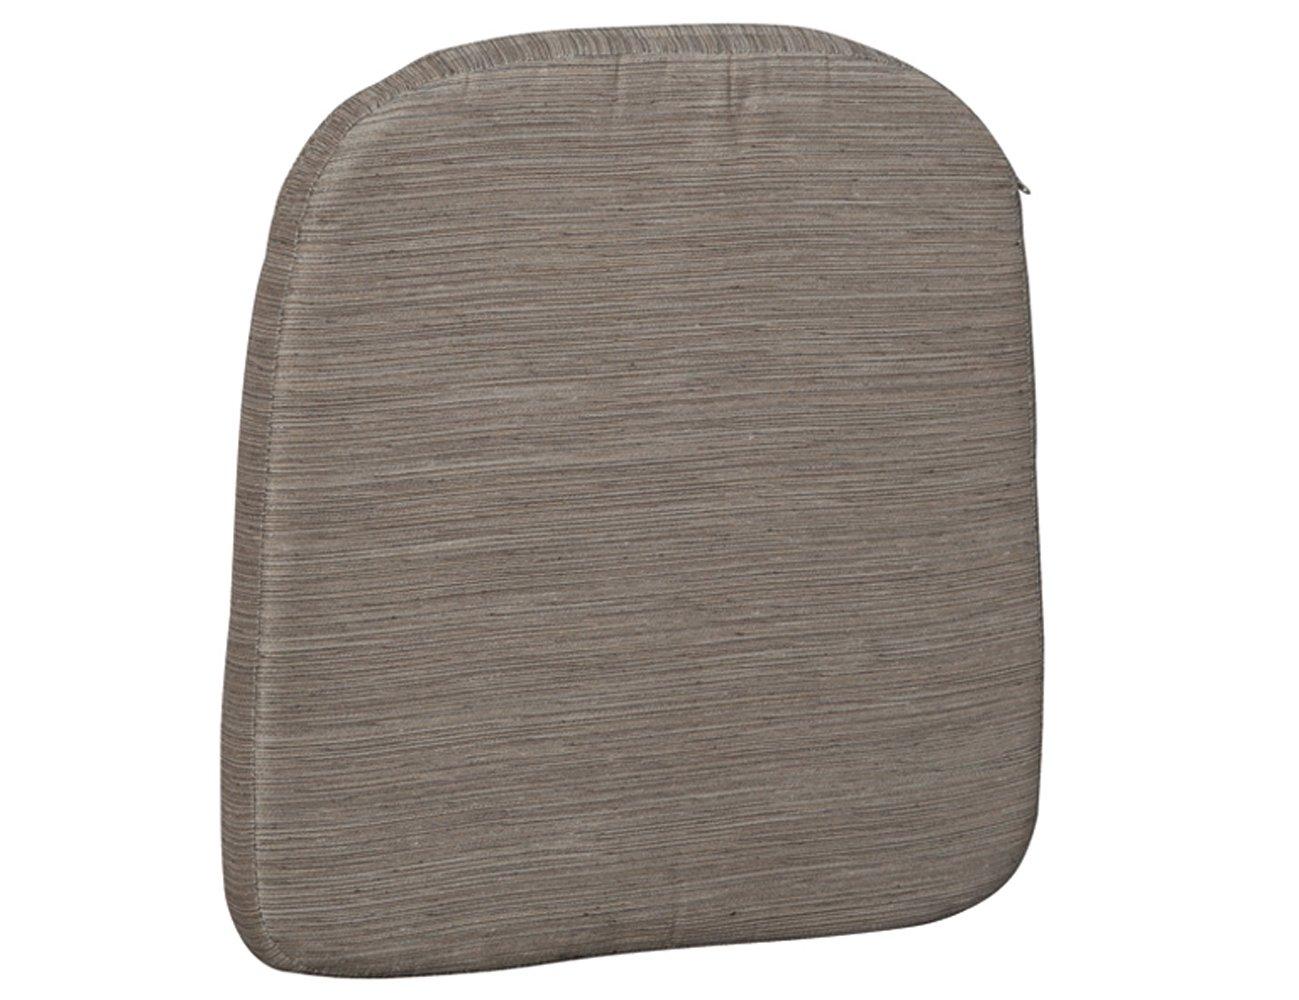 H.G. 4514517 Sitzkissen zu Sessel Bern, Amrum, Struktur taupe, 75% Polyester / 25% Baumwolle, L 46 x B 46 x H 5 cm